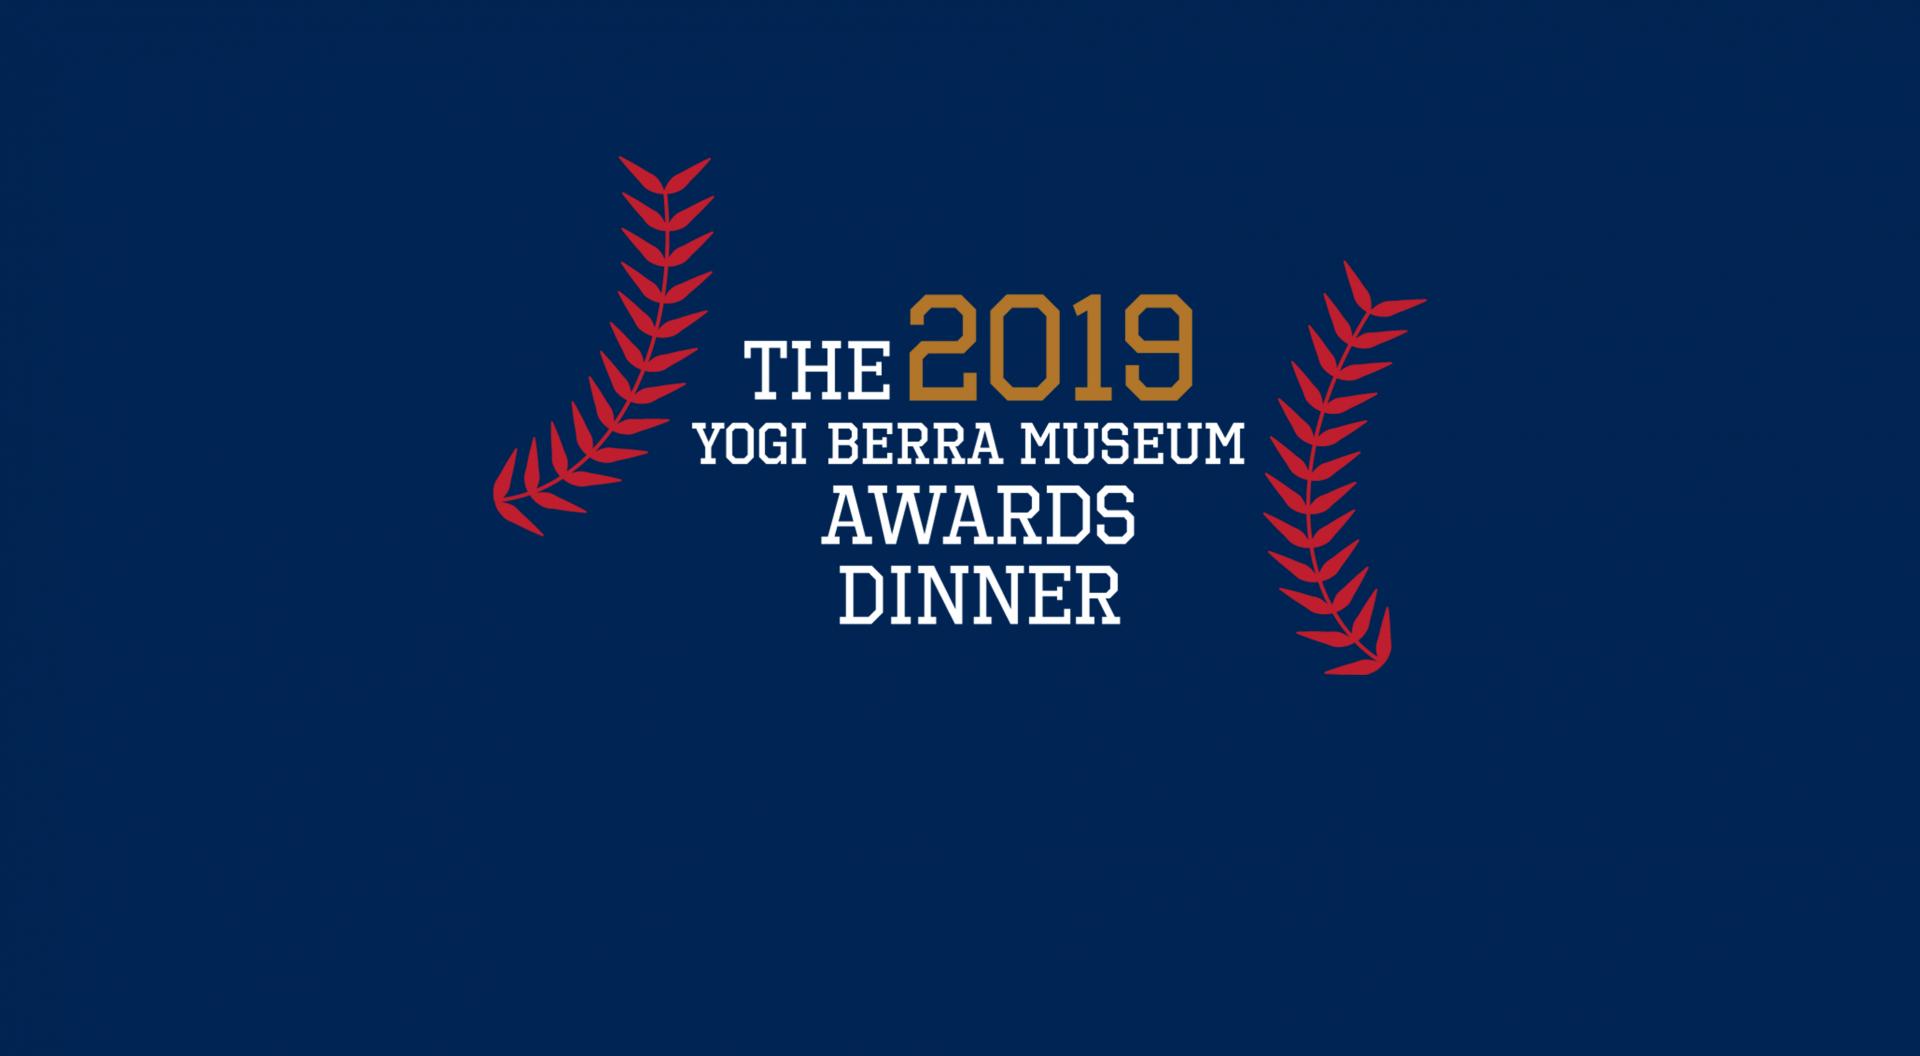 The 2019 Yogi Berra Museum Awards Dinner Logo